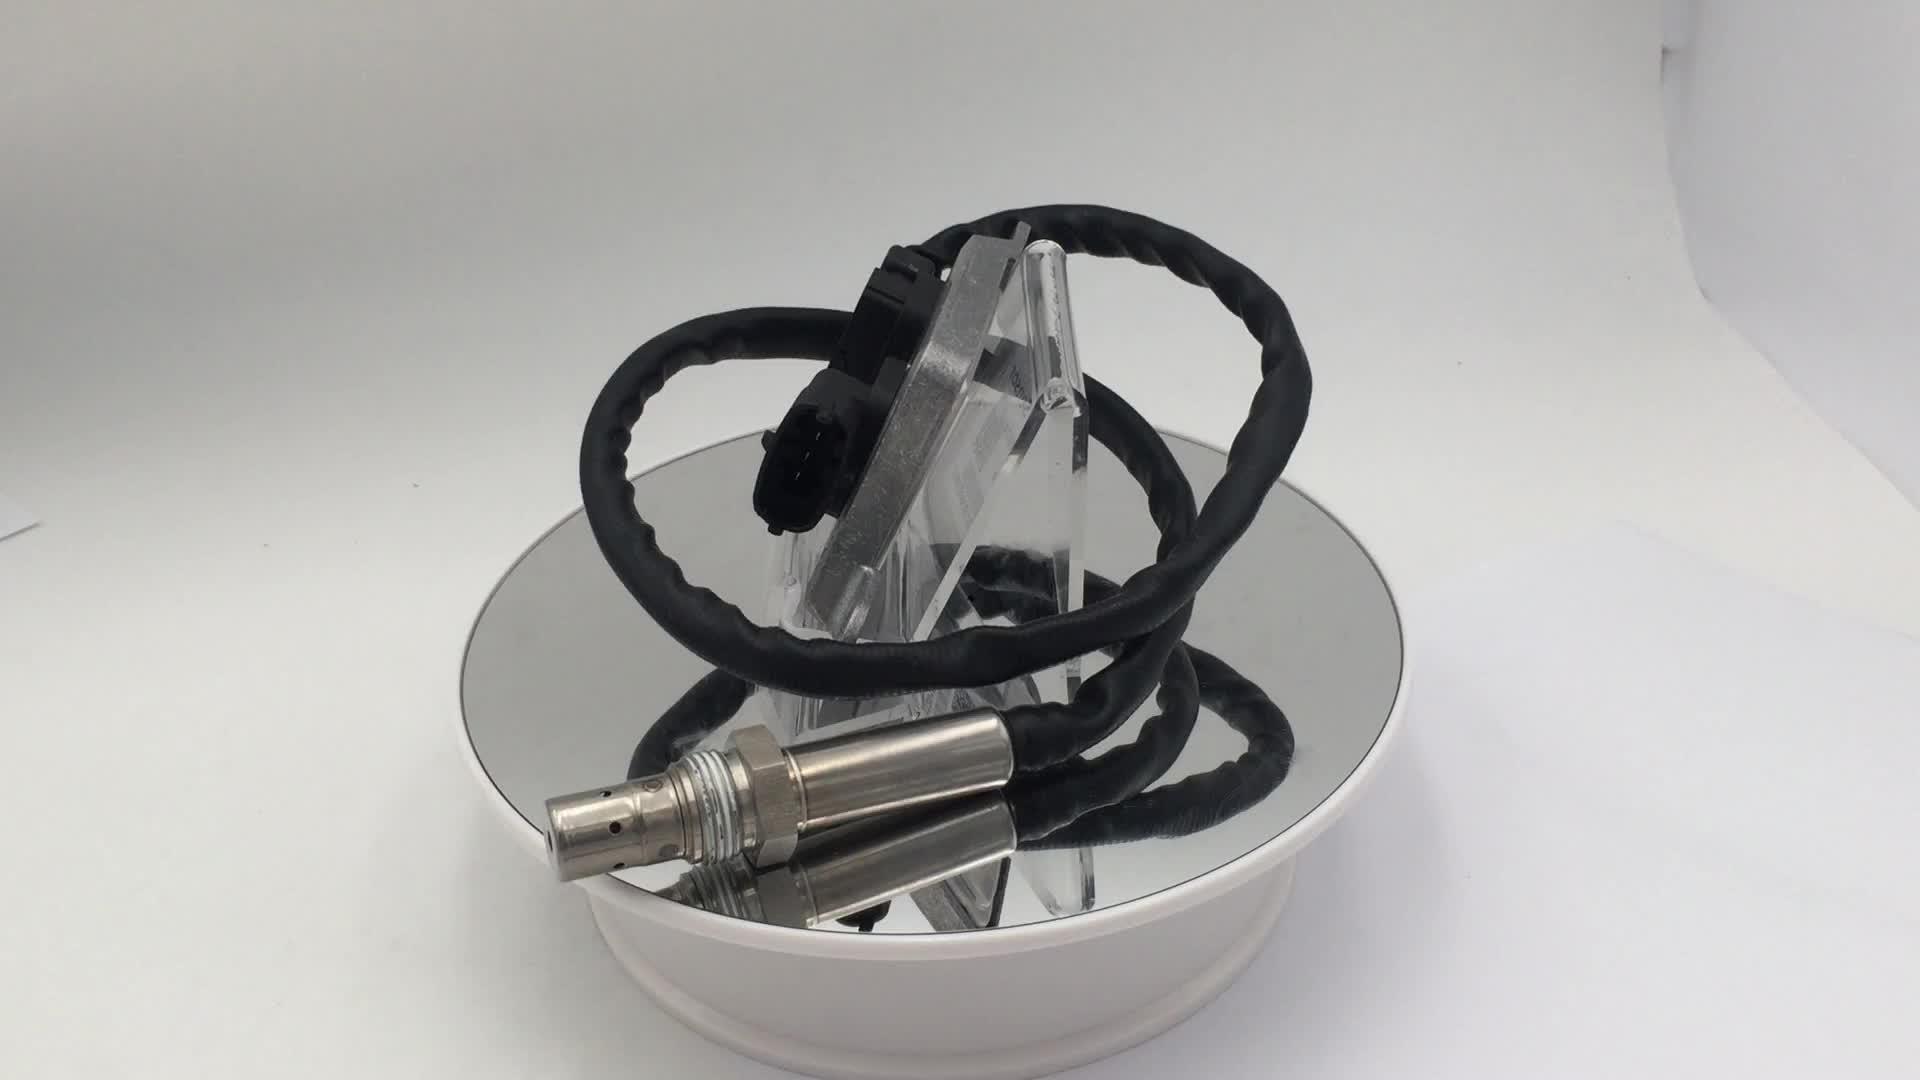 Truck Sensor Nox Sensor 5wk9 6674a 2894939/2894939rx Nitrogen Oxygen Sensor  - Buy Nox Sensor,Truck Sensor,Nitrogen Oxygen Sensor Product on